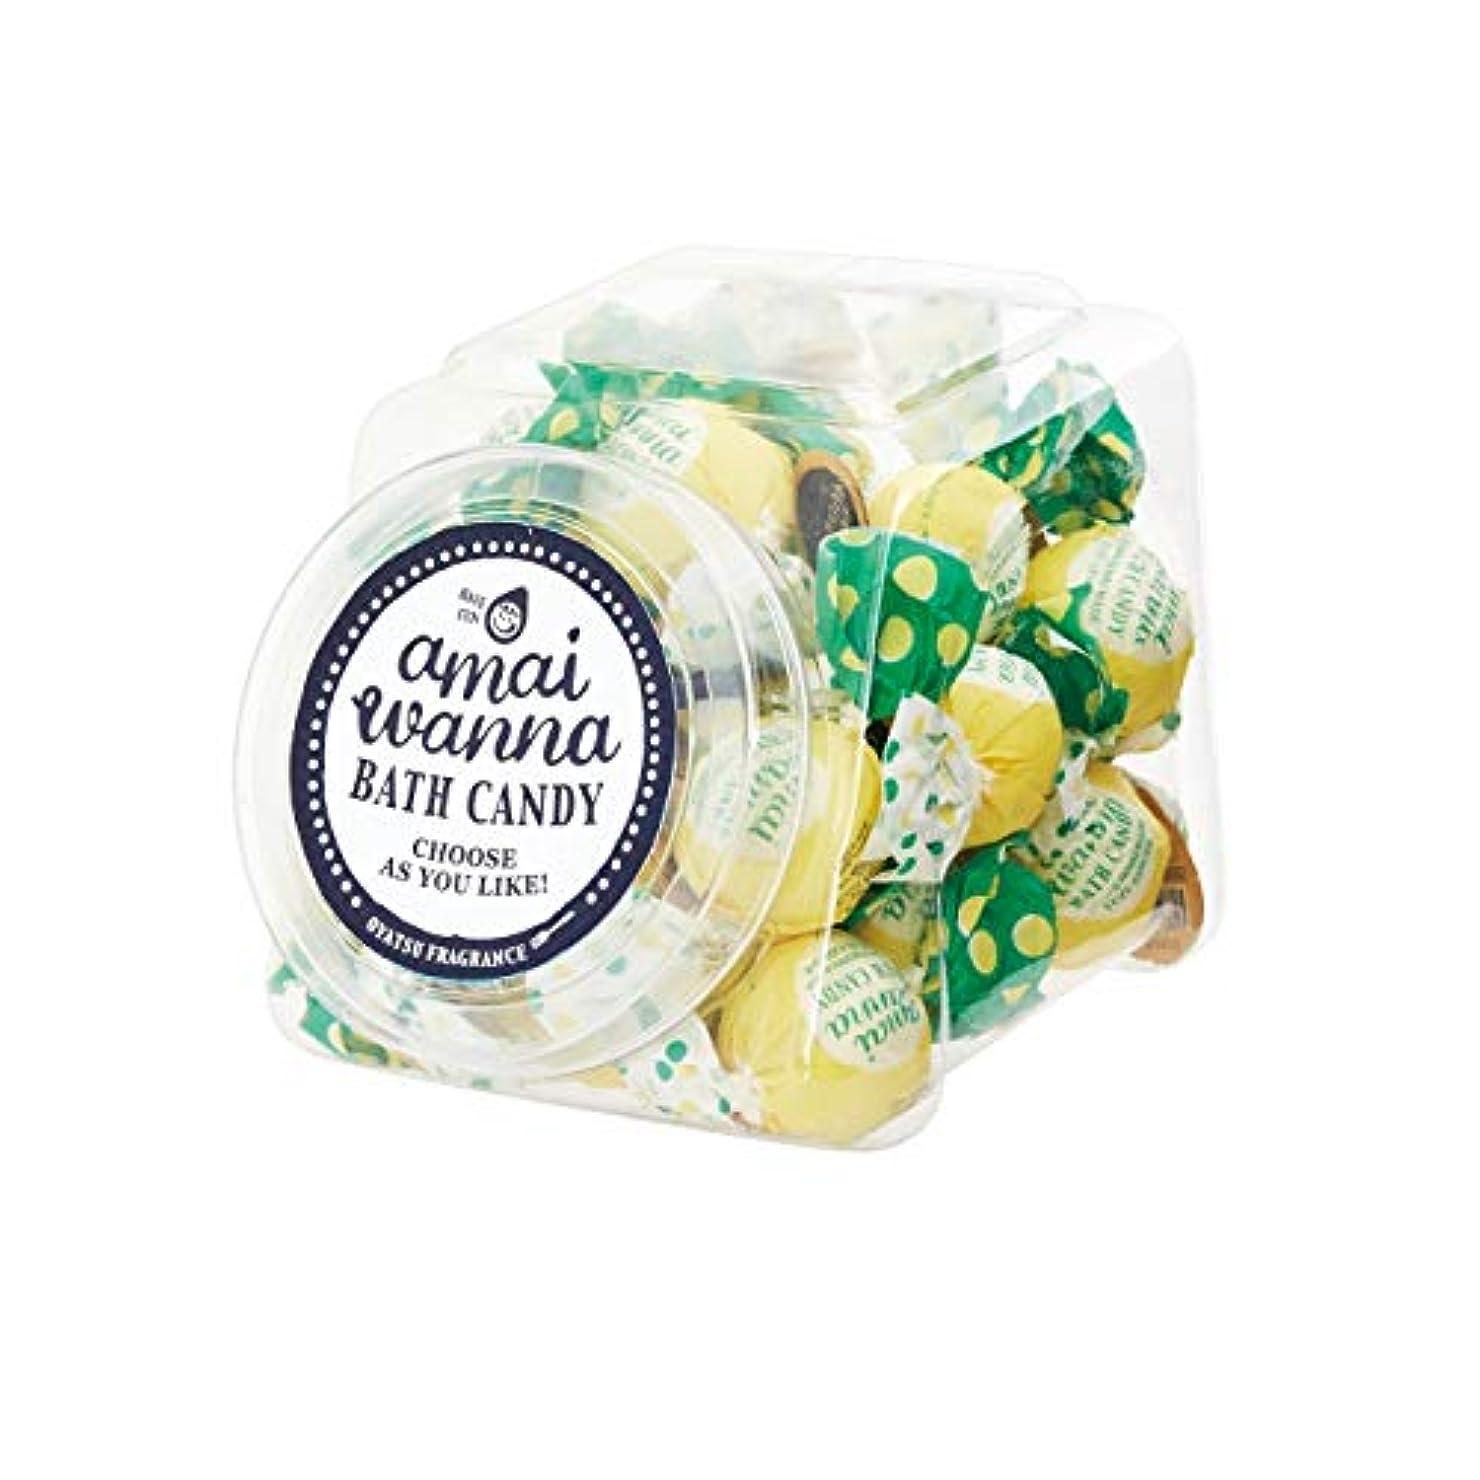 既に看板アークアマイワナSP バスキャンディーポットセット24粒入り(ママのゆずジンジャー バスギフト キャンディーの形の入浴料 大人可愛い)